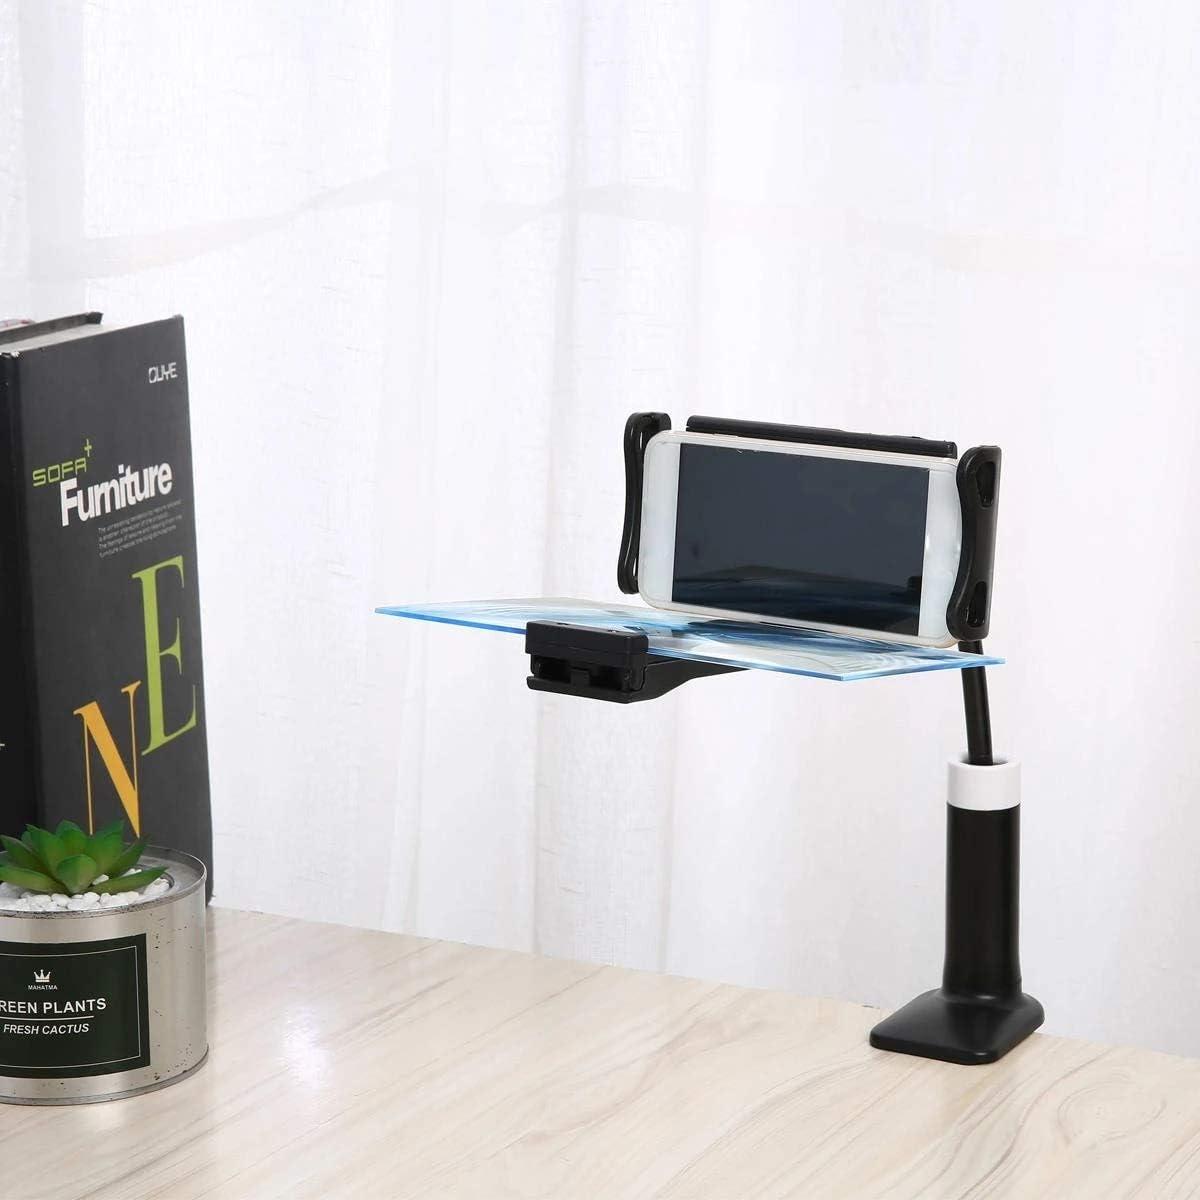 Lupa de Pantalla del Teléfono 3D de Alta definición de Pantalla del Amplificador del Soporte del 12 Lupa Plegable Pantalla del teléfono móvil Soporte de Escritorio Portátil Casa Cine: Amazon.es: Hogar